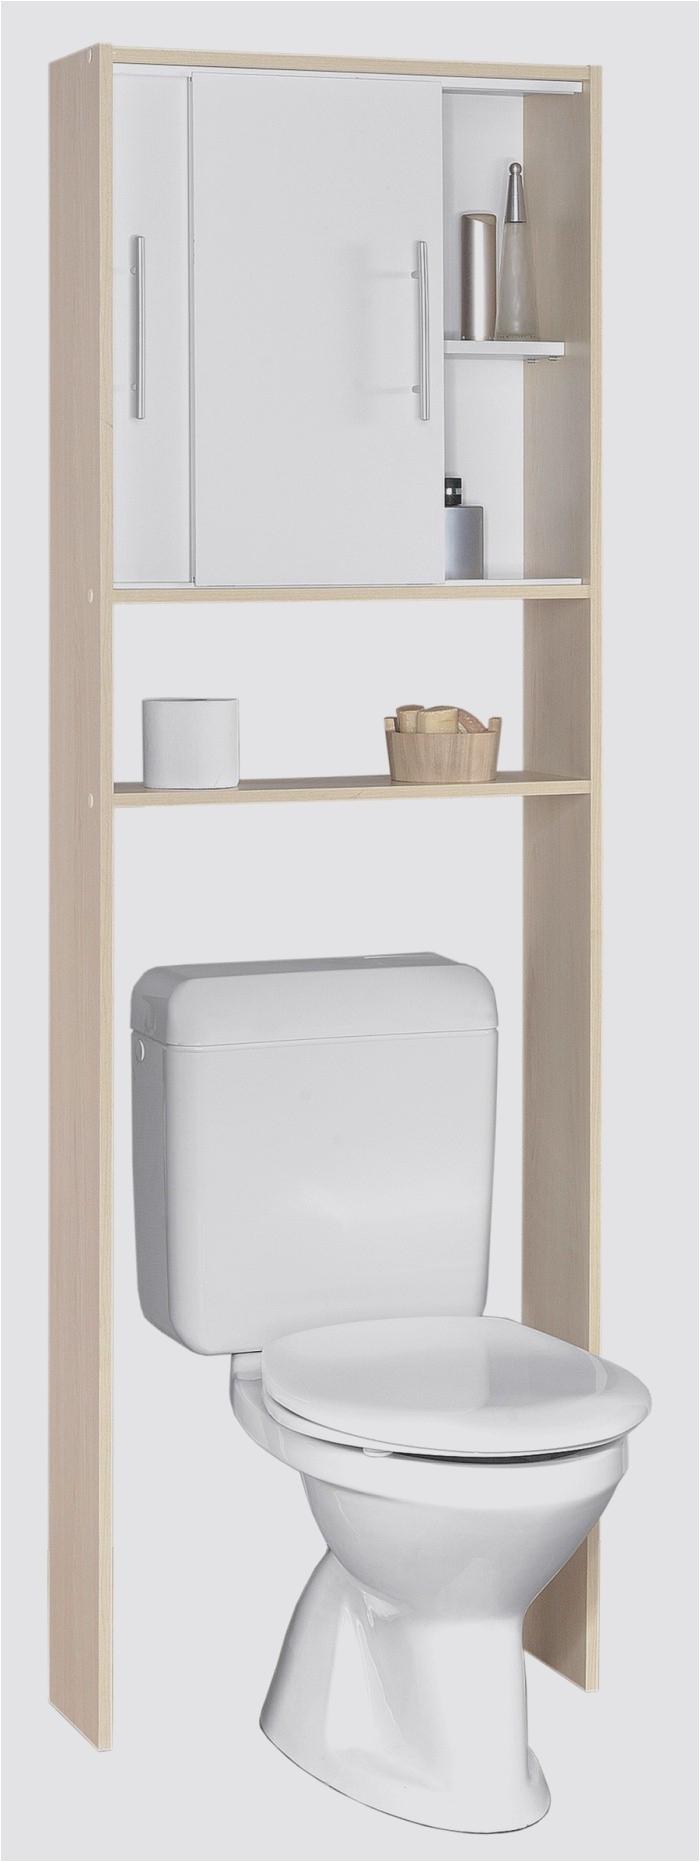 Armoire De toilette Miroir Castorama Impressionnant Galerie Admiré Armoire De toilette Castorama